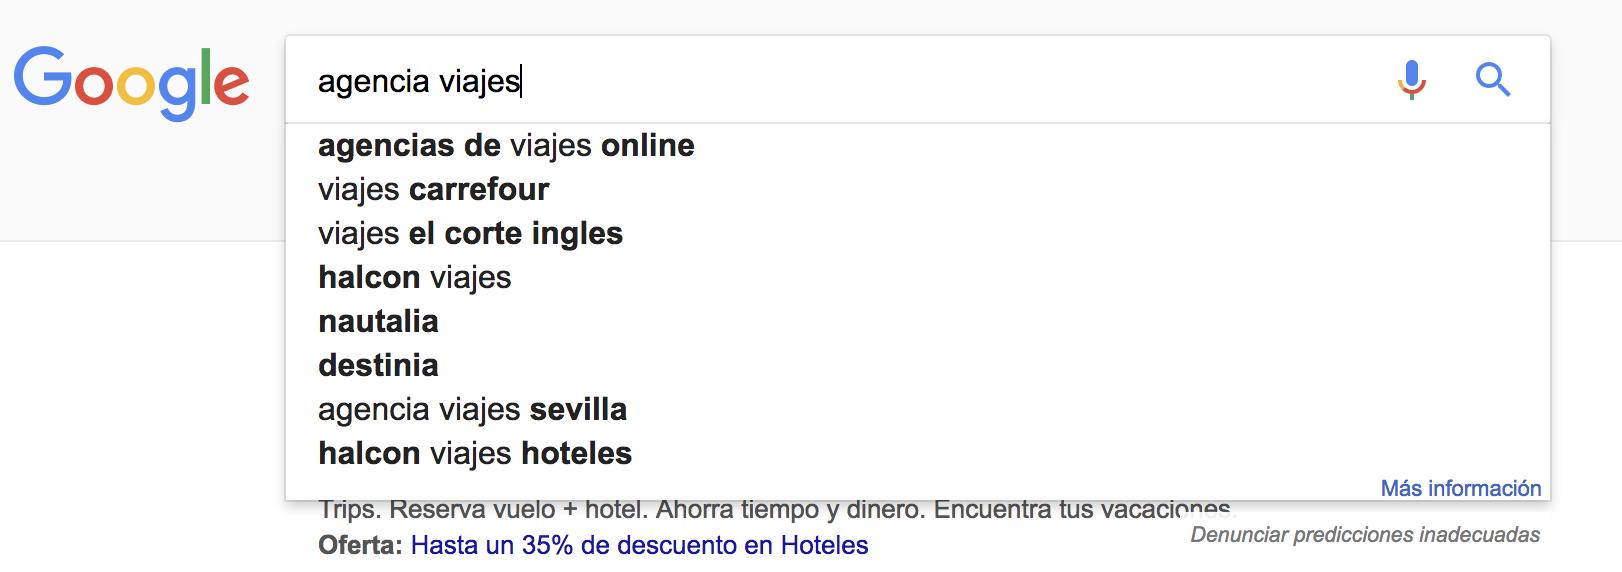 """SEO para agencias de viajes - Otras sugerencias de búsquedas sobre """"agencia viajes"""""""